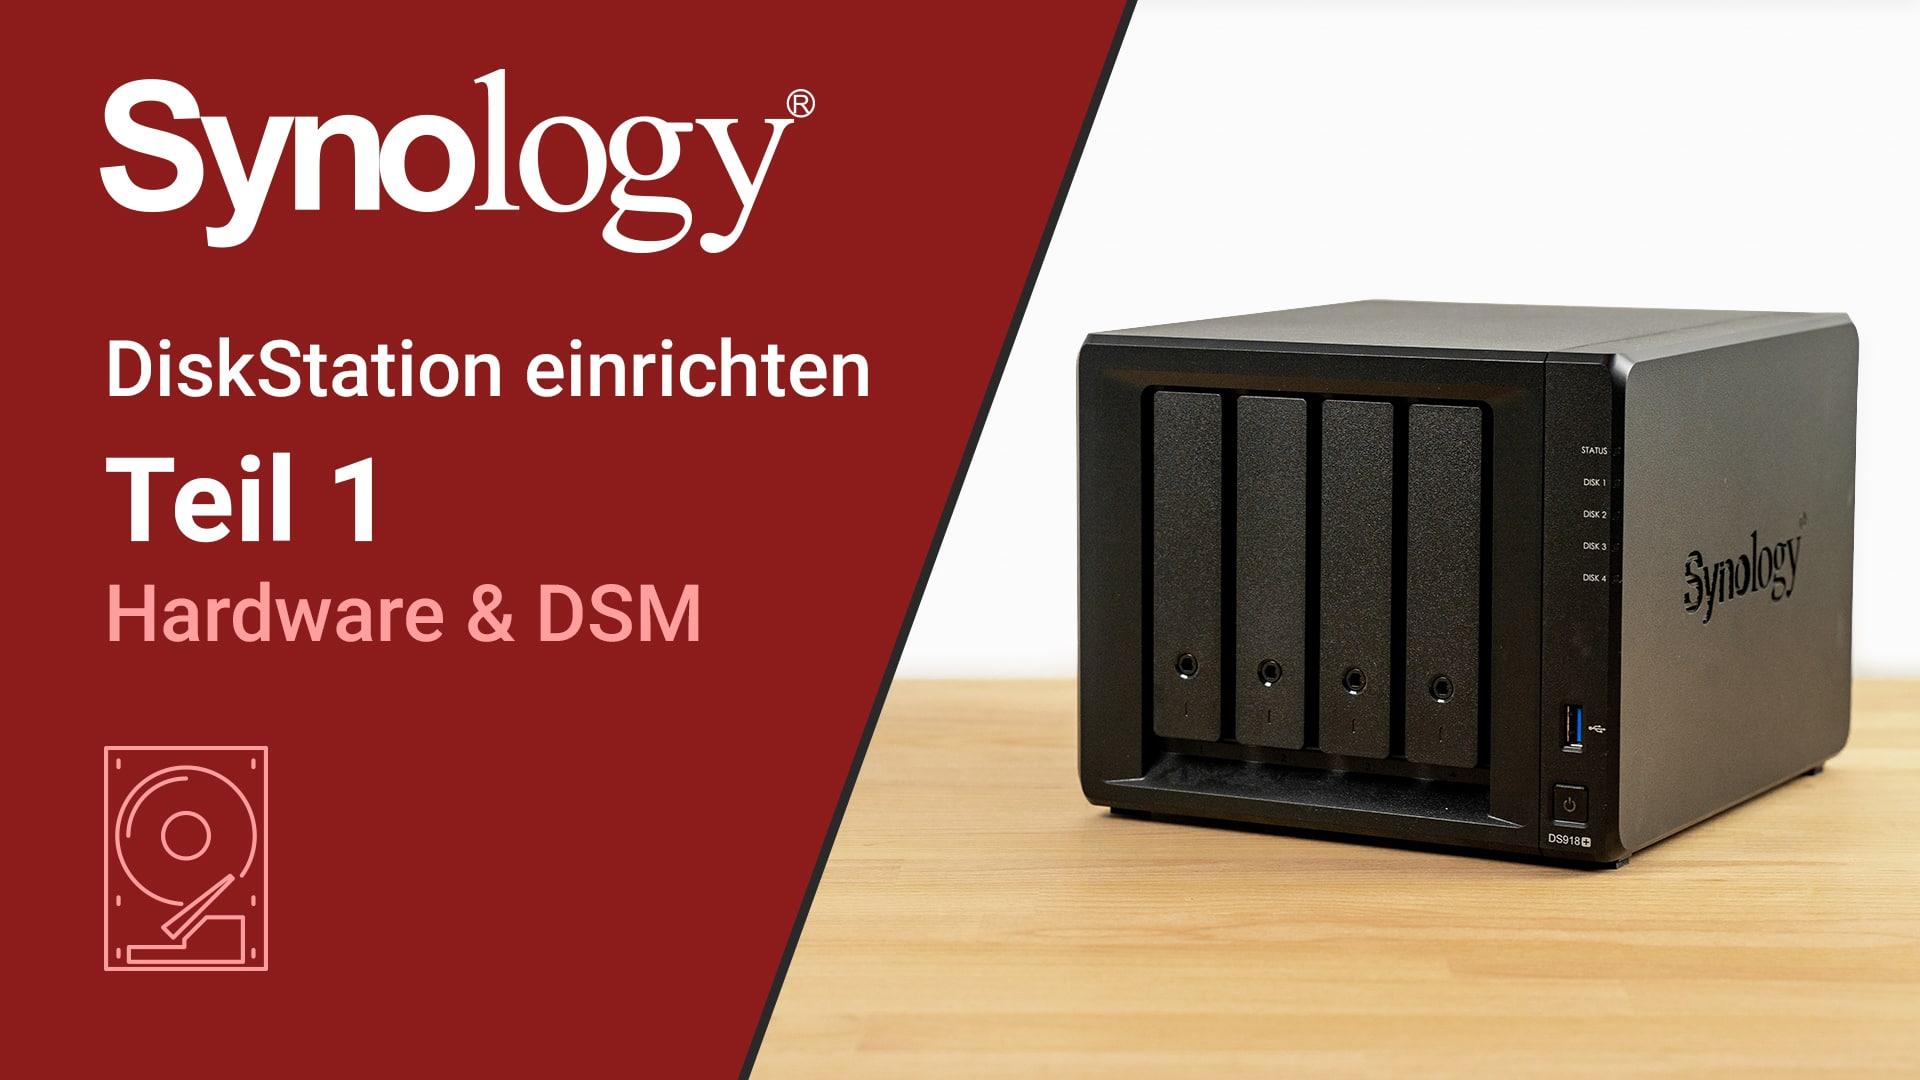 DiskStation einrichten Teil1 - DigitaleWelt